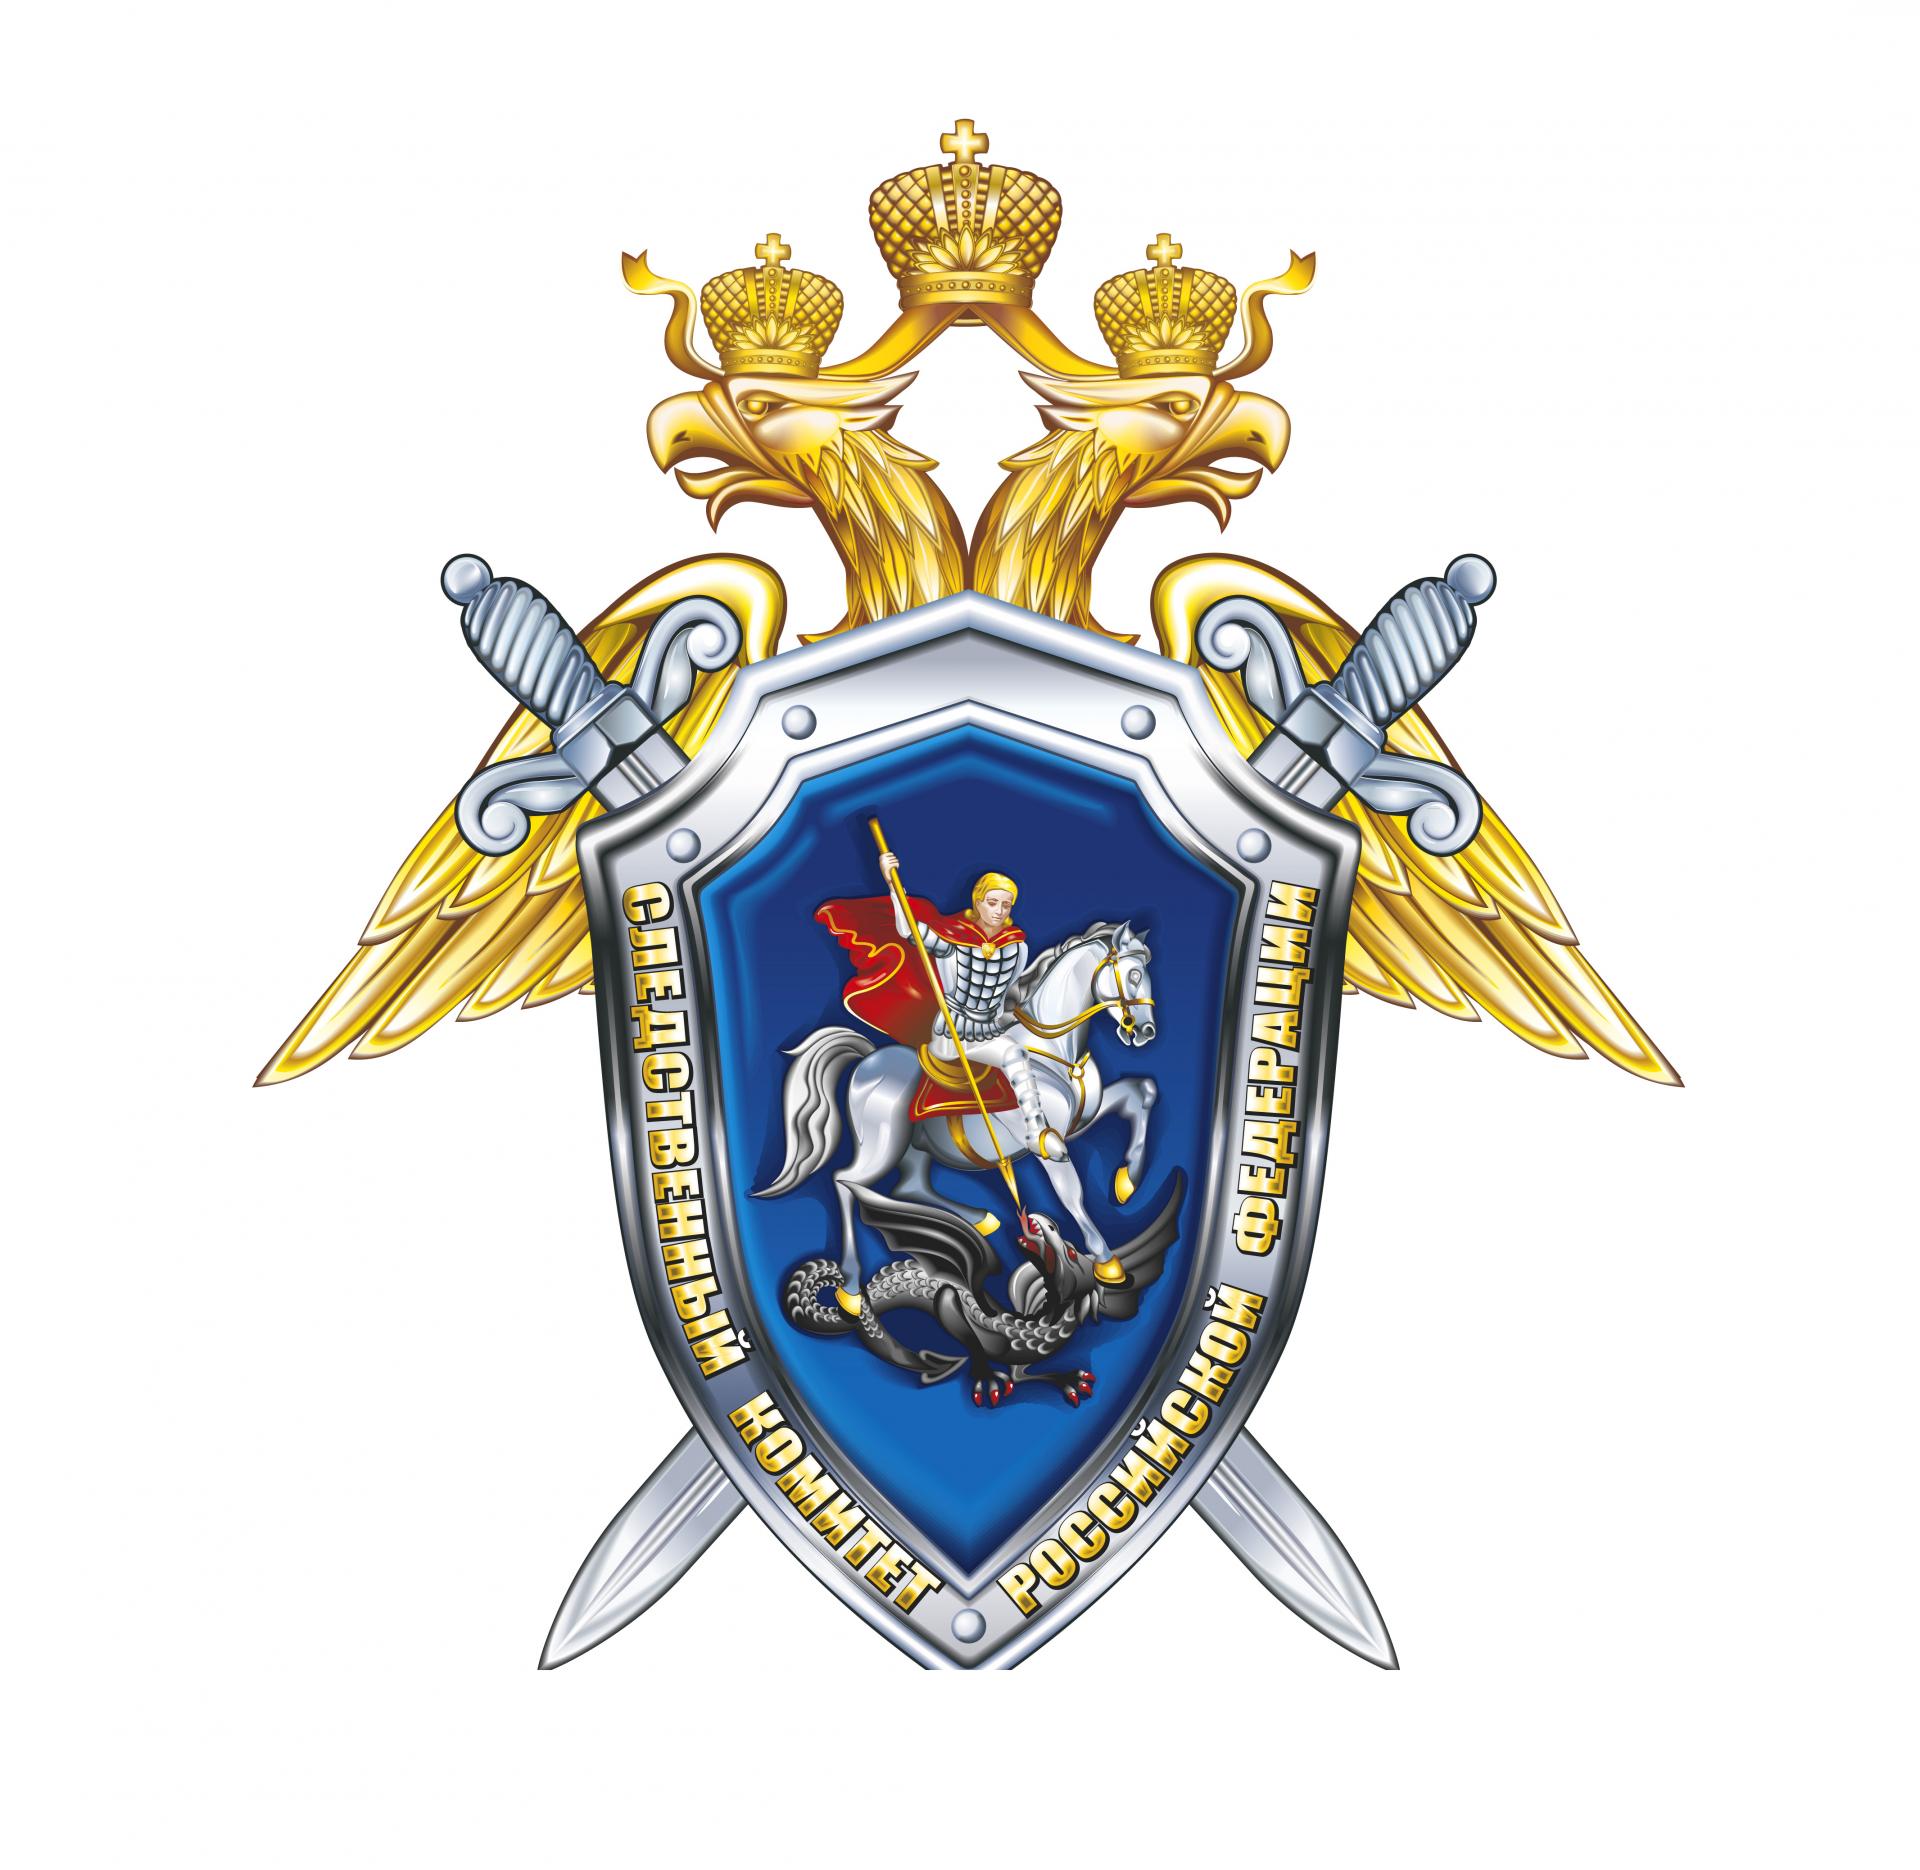 17 сентября руководитель следственного управления СК Российской  Федерации по Саратовской области проведёт приём граждан